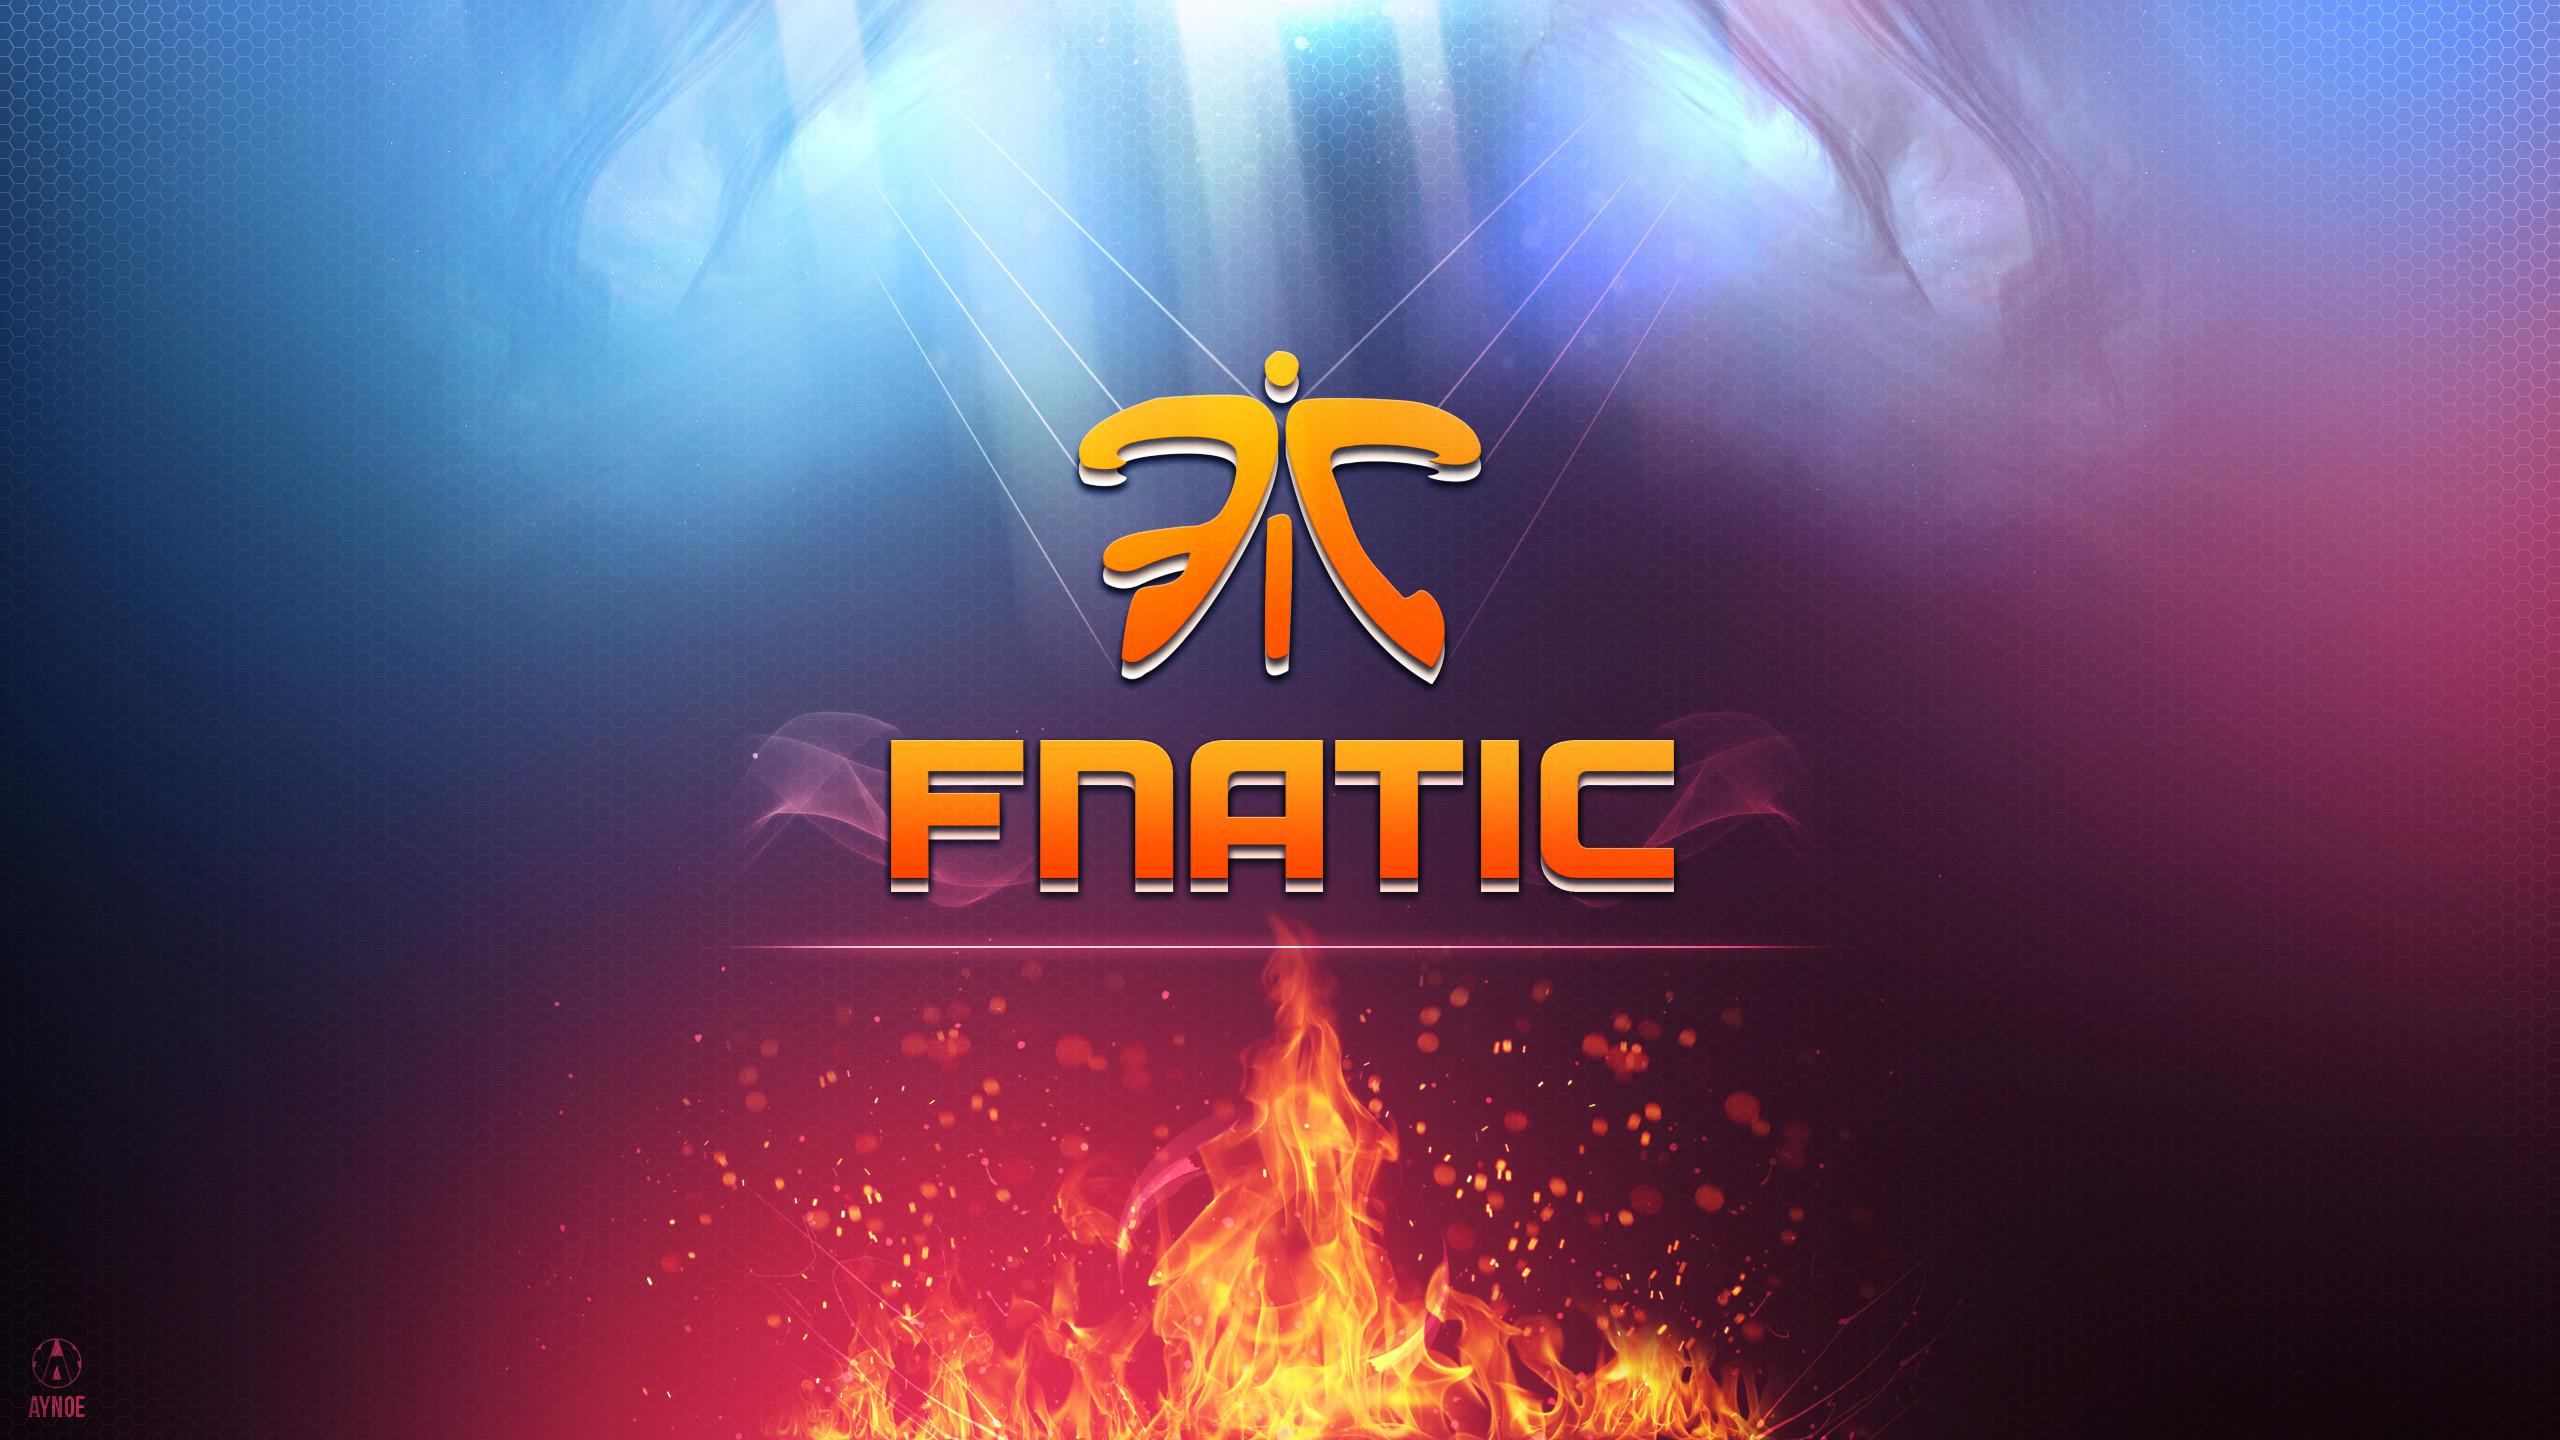 … Fnatic 2.0 Wallpaper Logo – League of Legends by Aynoe